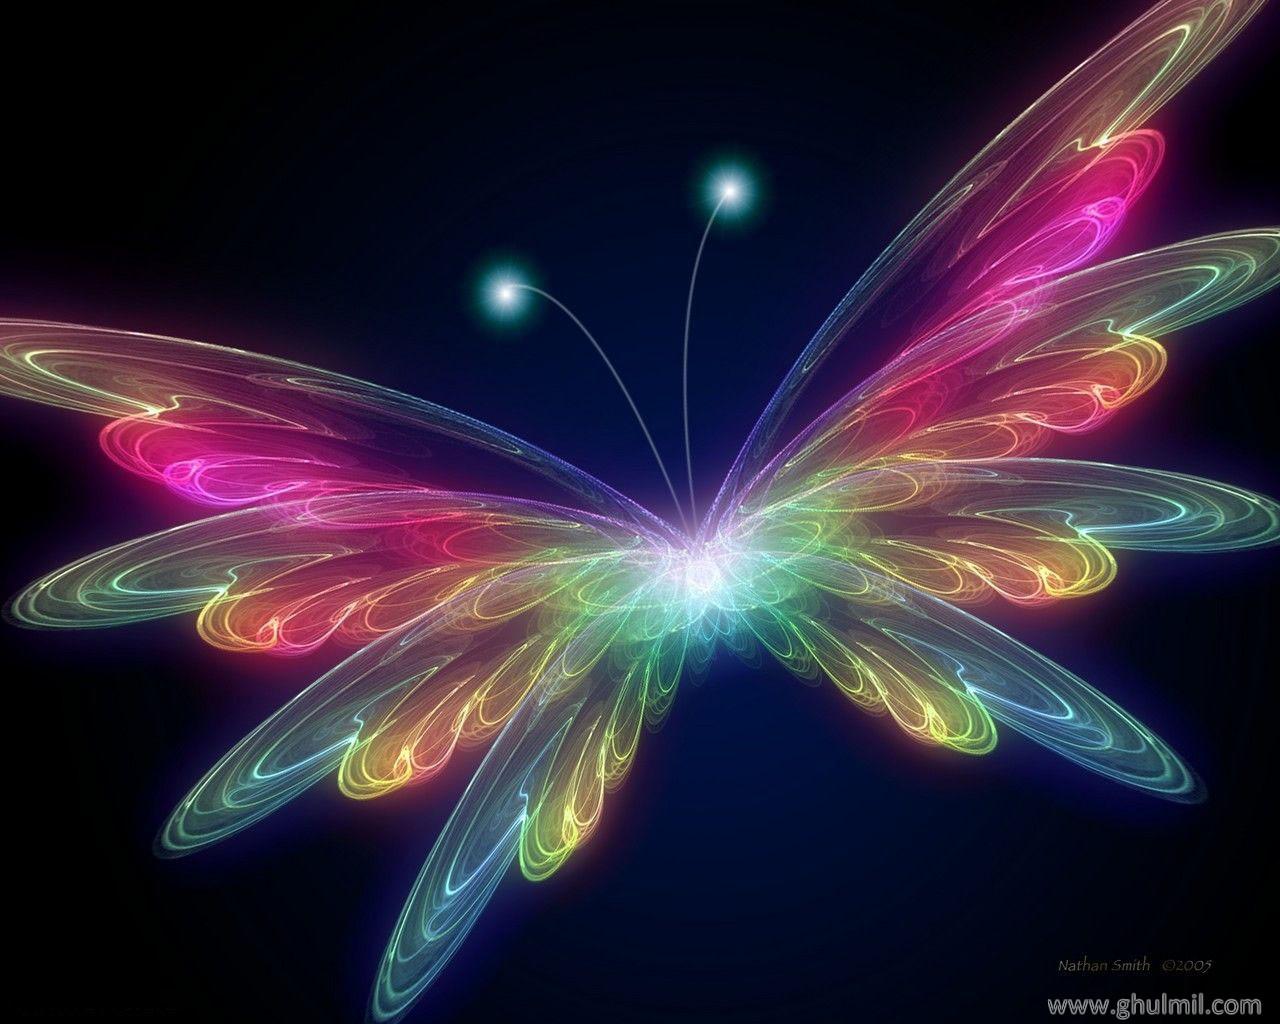 3D Butterfly wallpaper   Butterflies Wallpaper 31063788 1280x1024